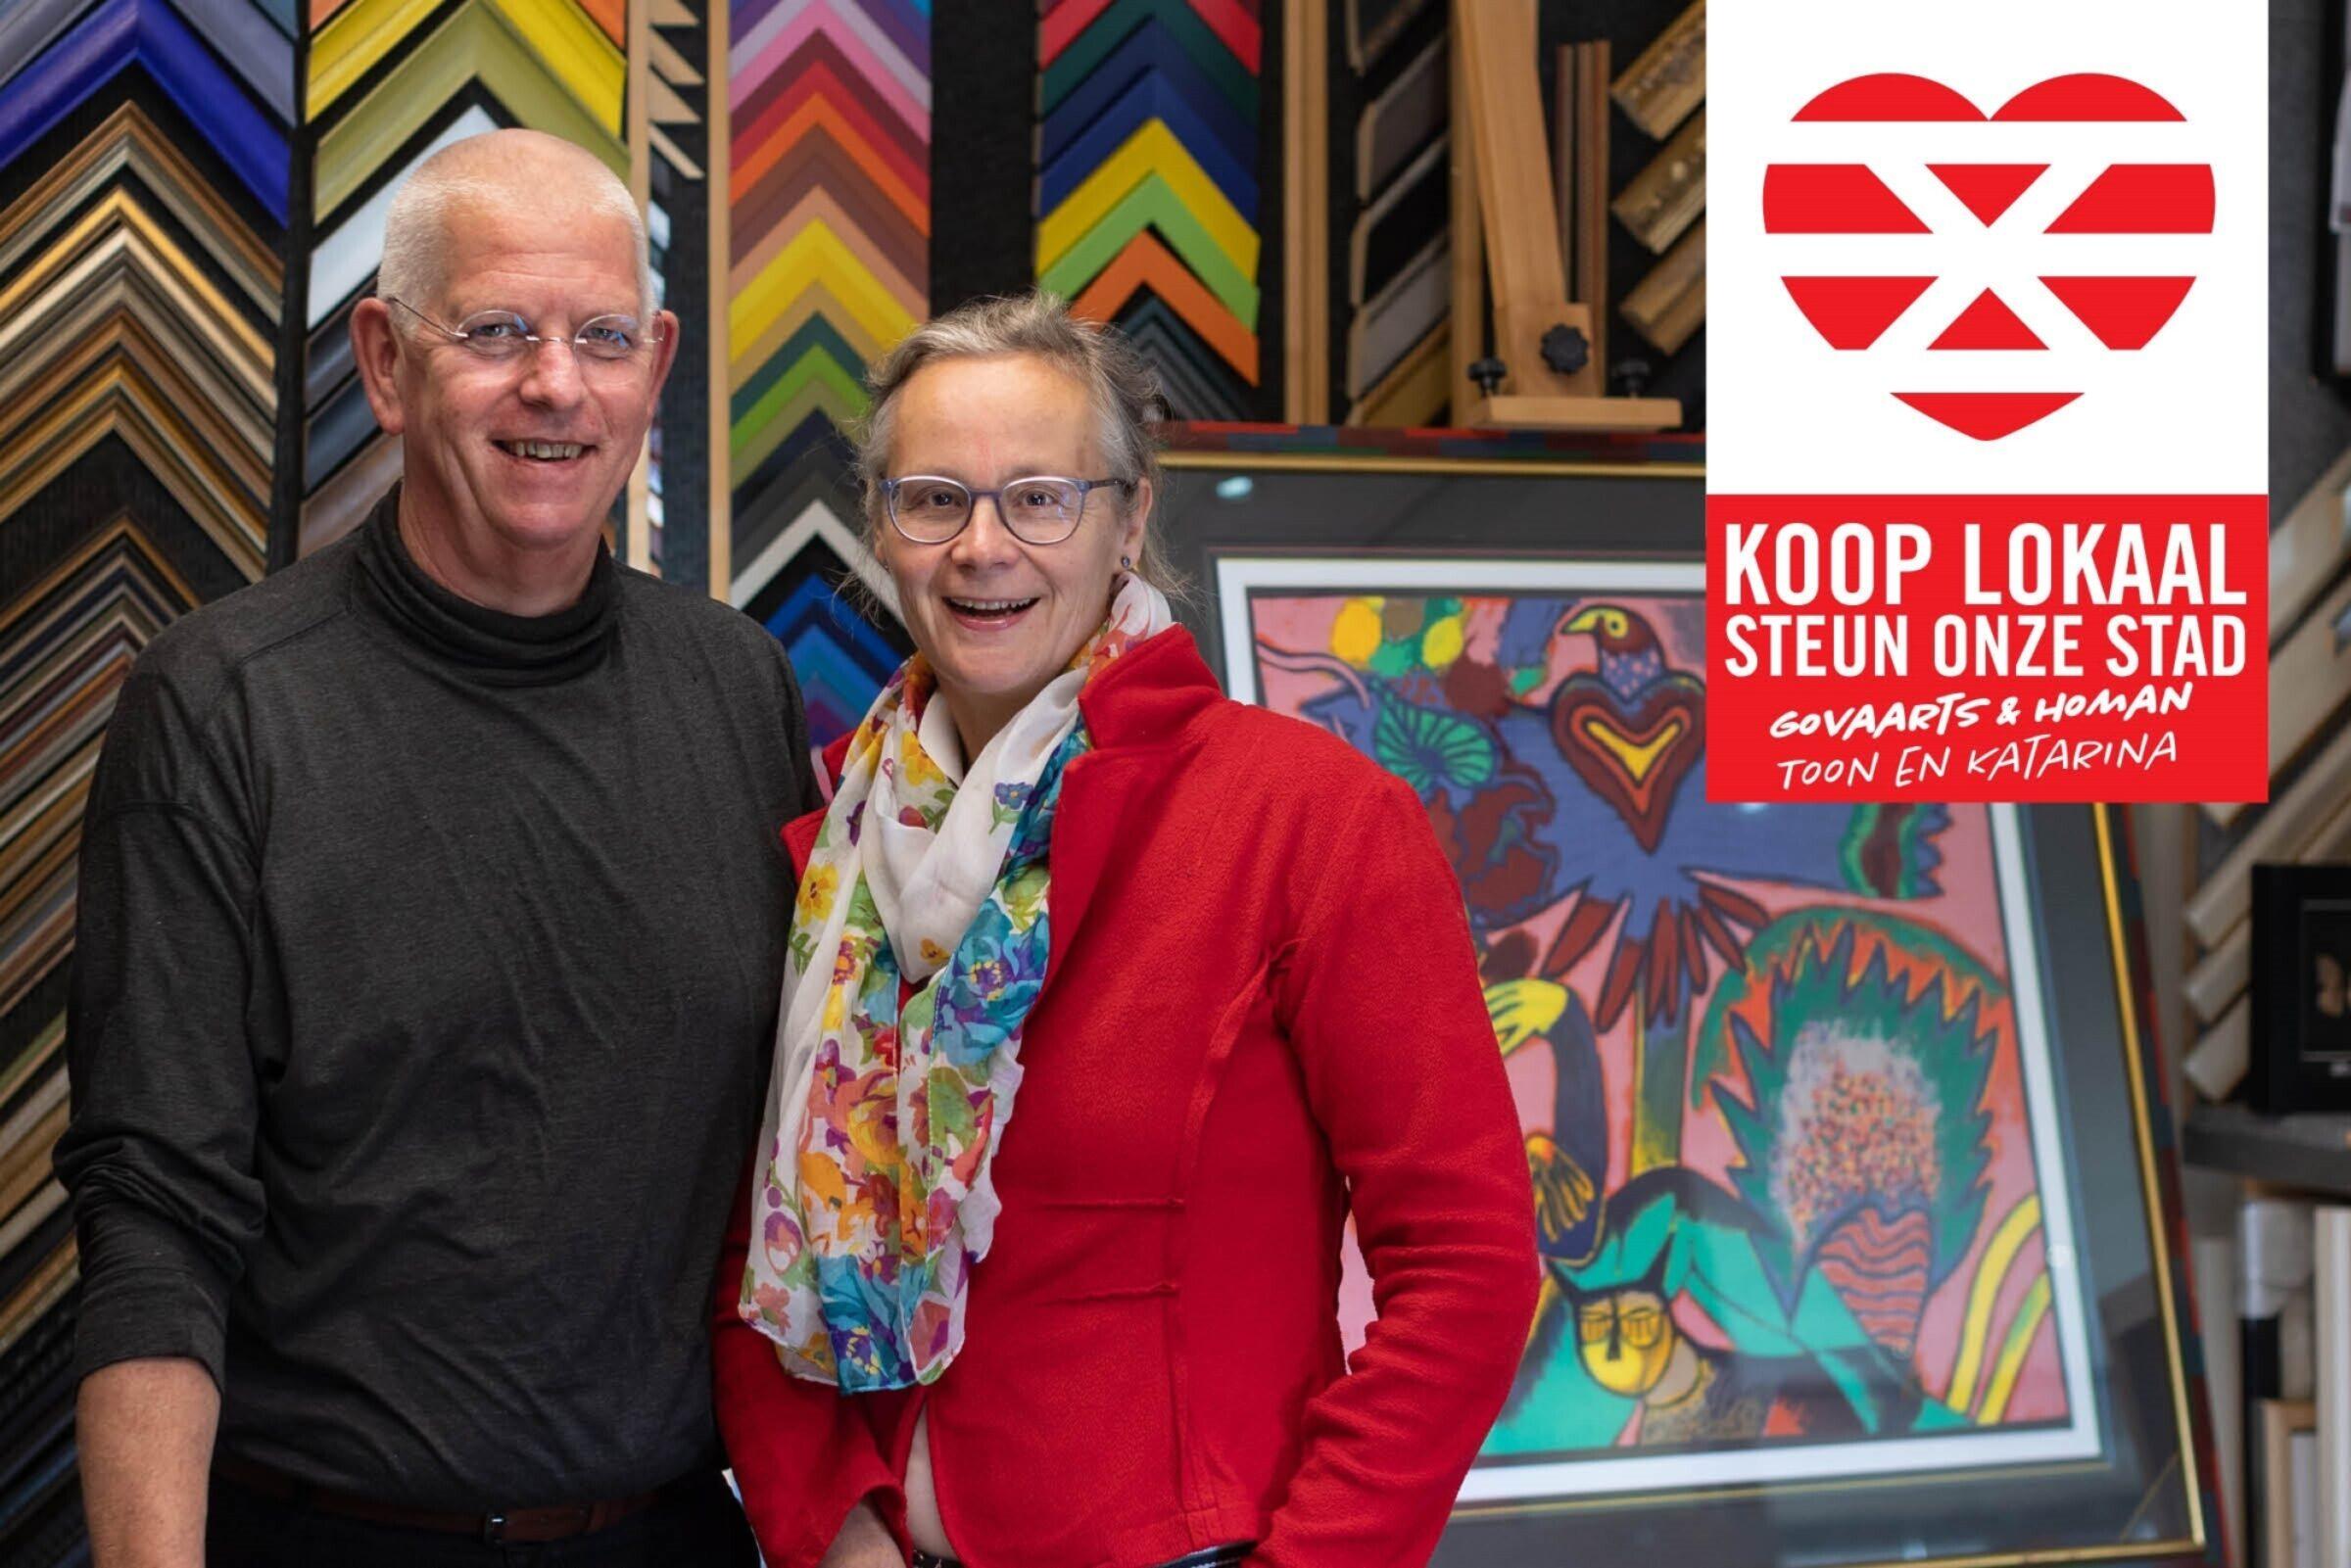 Steun onze stad Koop lokaal Enschede Govaarts Homan